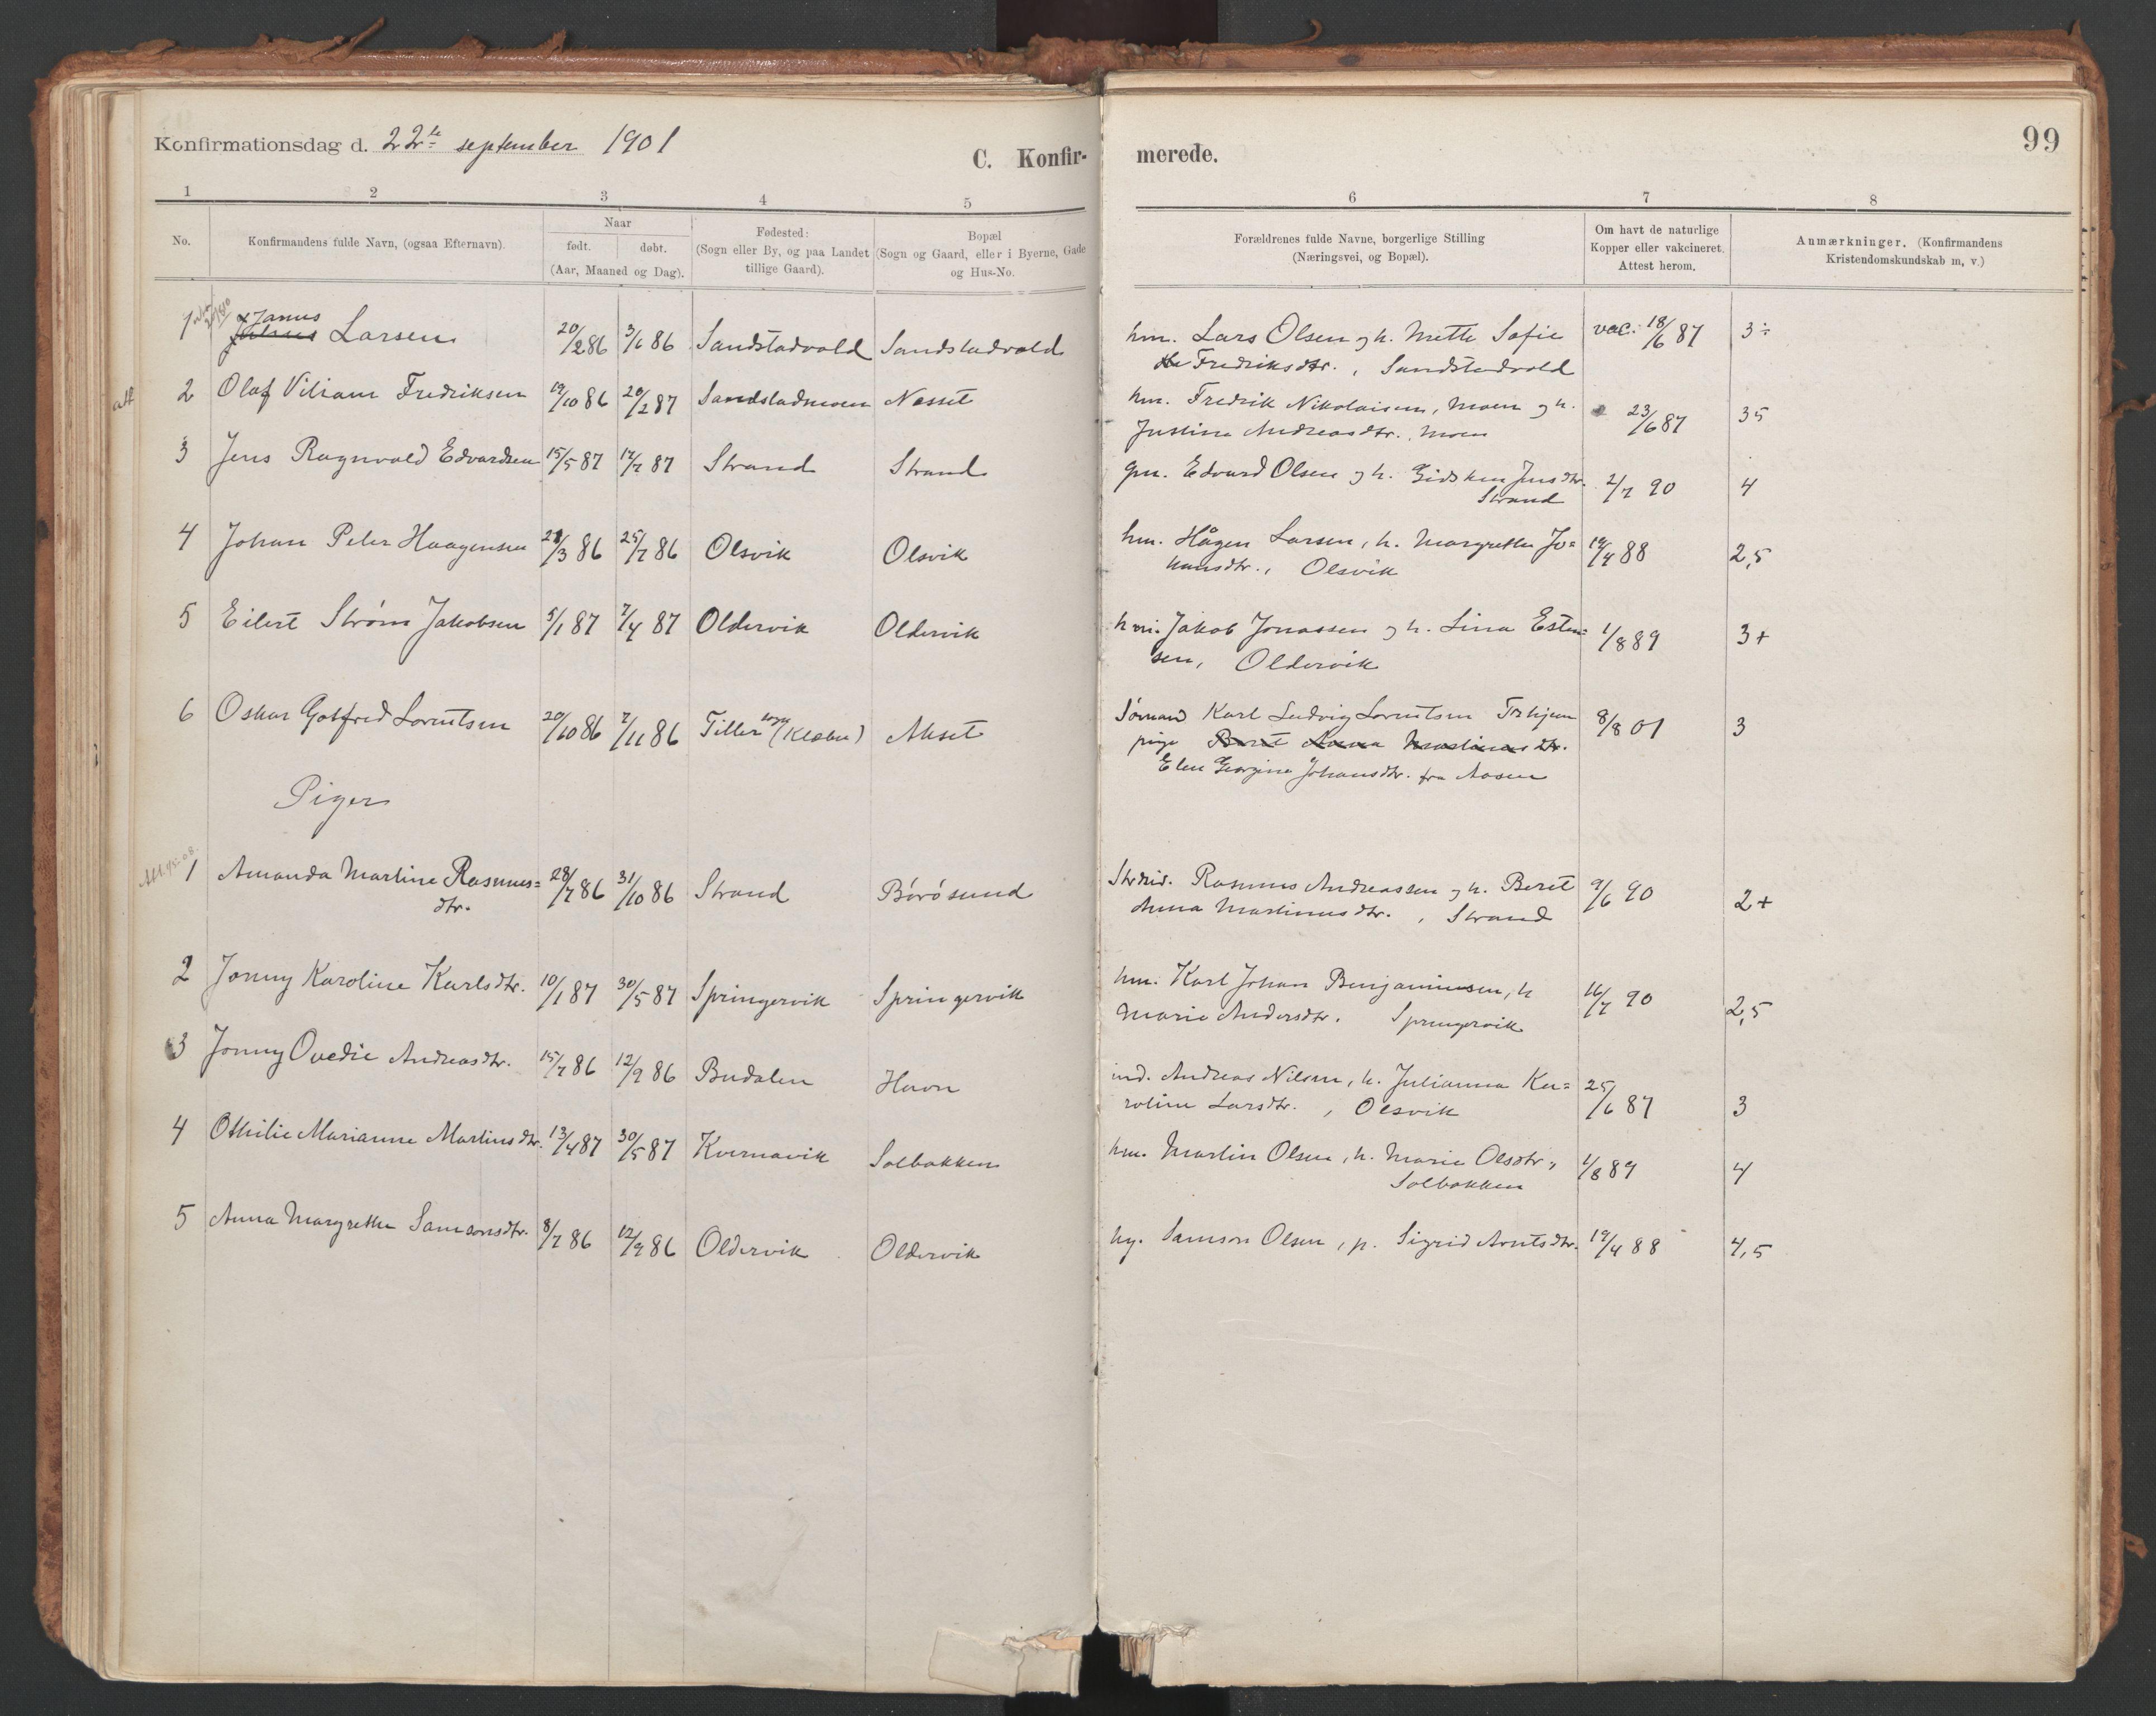 SAT, Ministerialprotokoller, klokkerbøker og fødselsregistre - Sør-Trøndelag, 639/L0572: Ministerialbok nr. 639A01, 1890-1920, s. 99